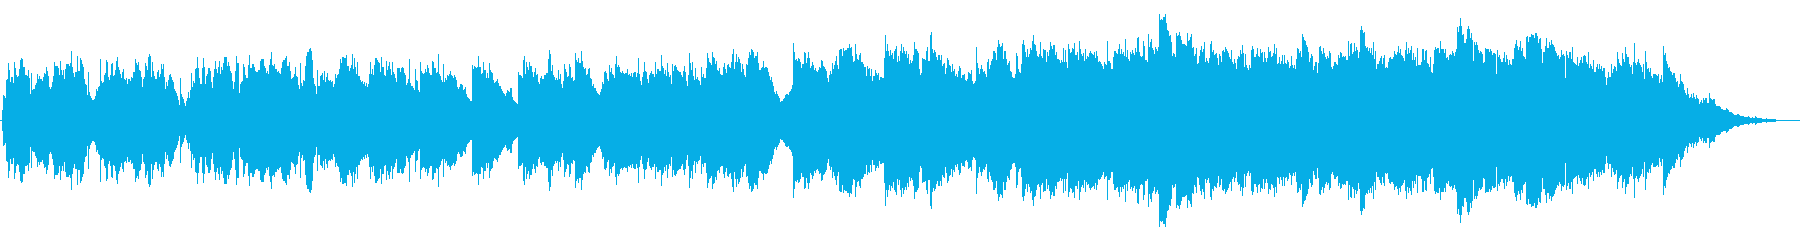 チェロ&オーボエのほのぼのしたBGMの再生済みの波形